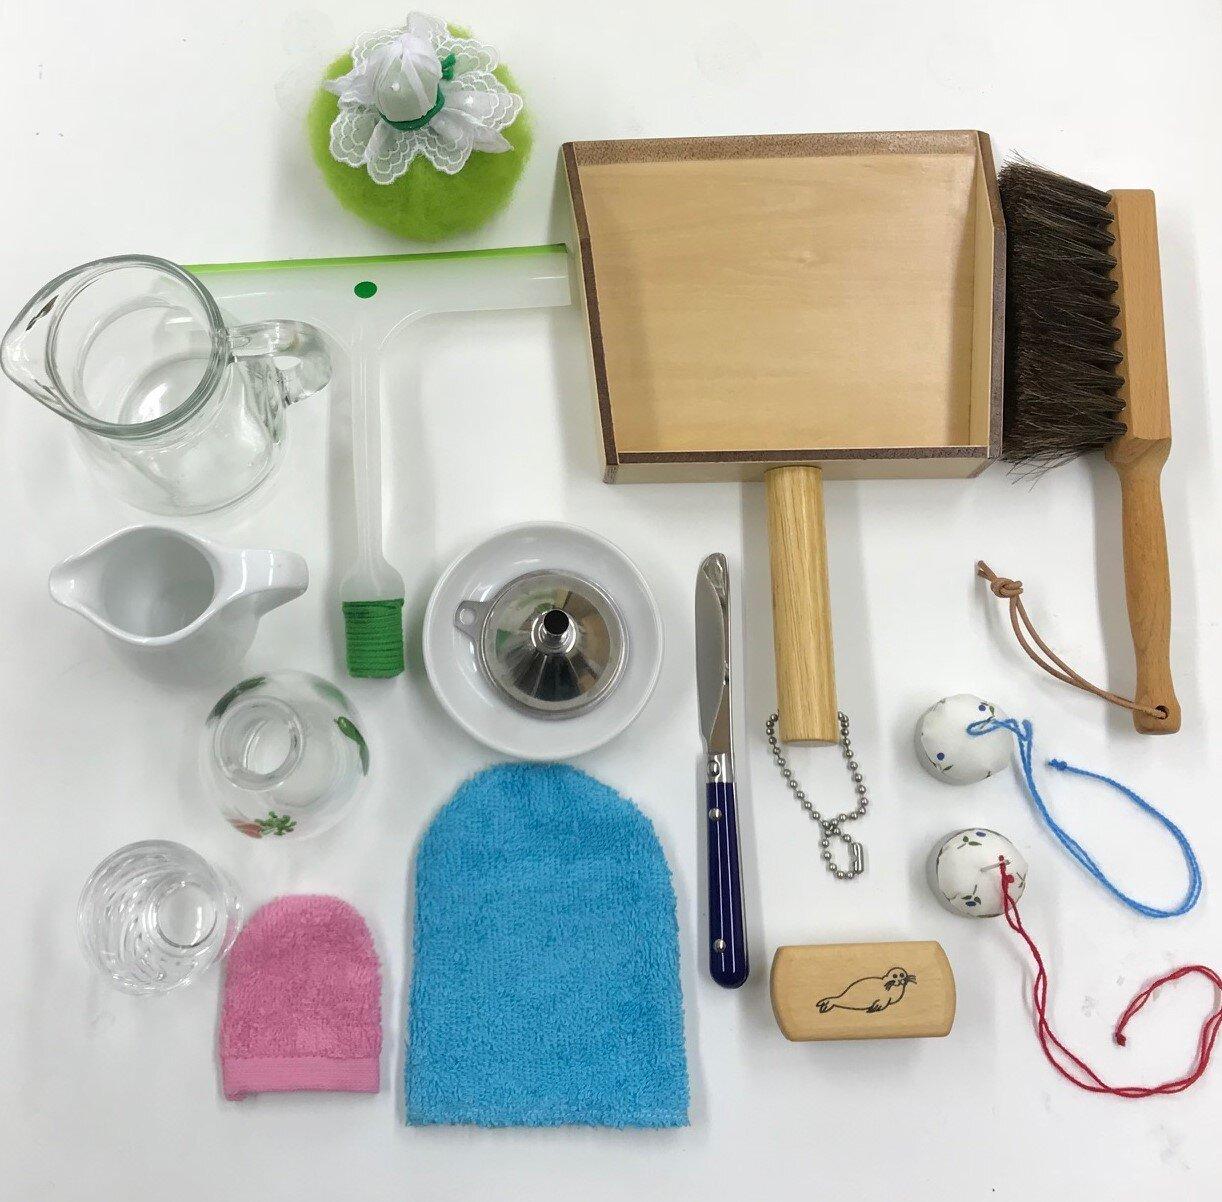 モンテッソーリの環境で使われる魅力的な用具の数々<br> (モンテッソーリは、箒やブラシが「私を使って!」と呼びかけるような準備をするように、と述べている)